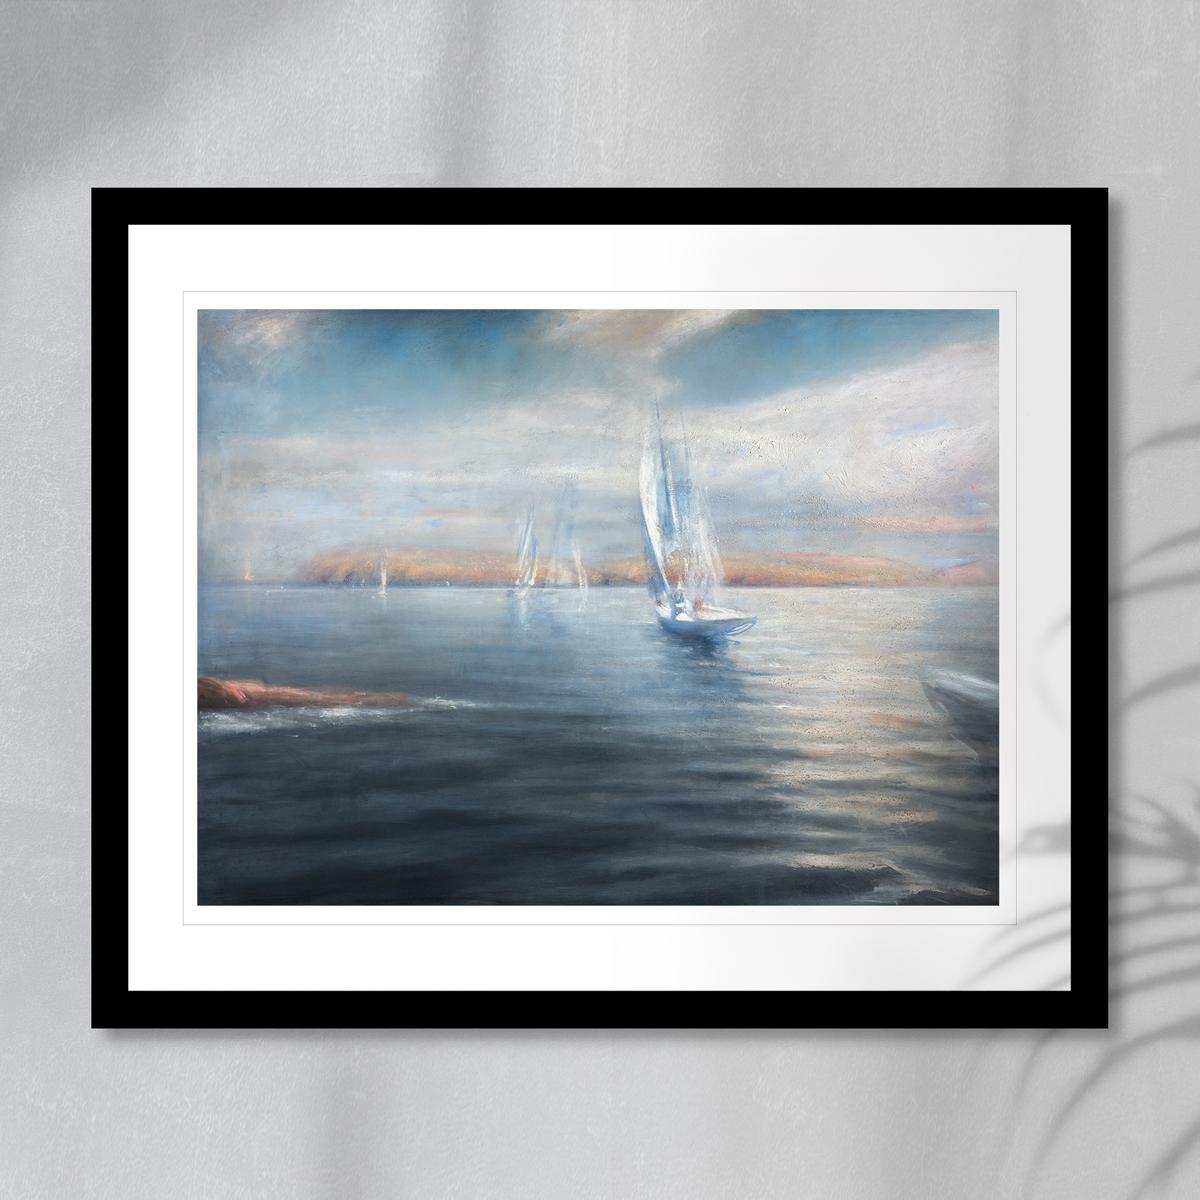 Sommerbilde med seilbåter på rolige farvann. Håndkolorert grafikk av Vebjørn Sand.